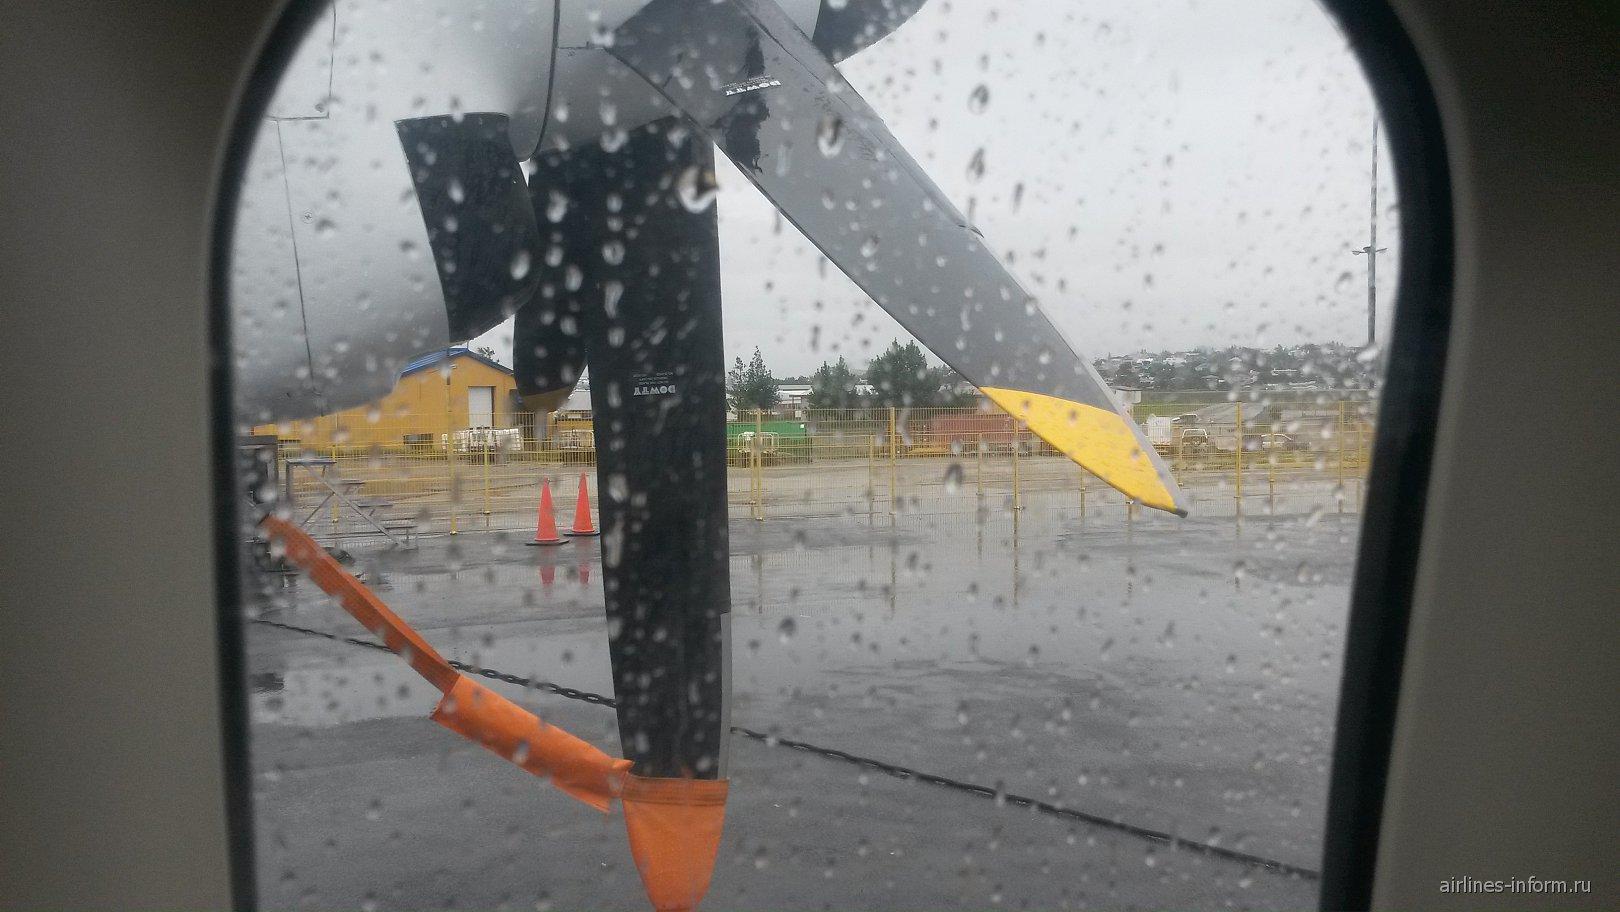 Салон самолета Fokker 50 авиакомпании Air Iceland